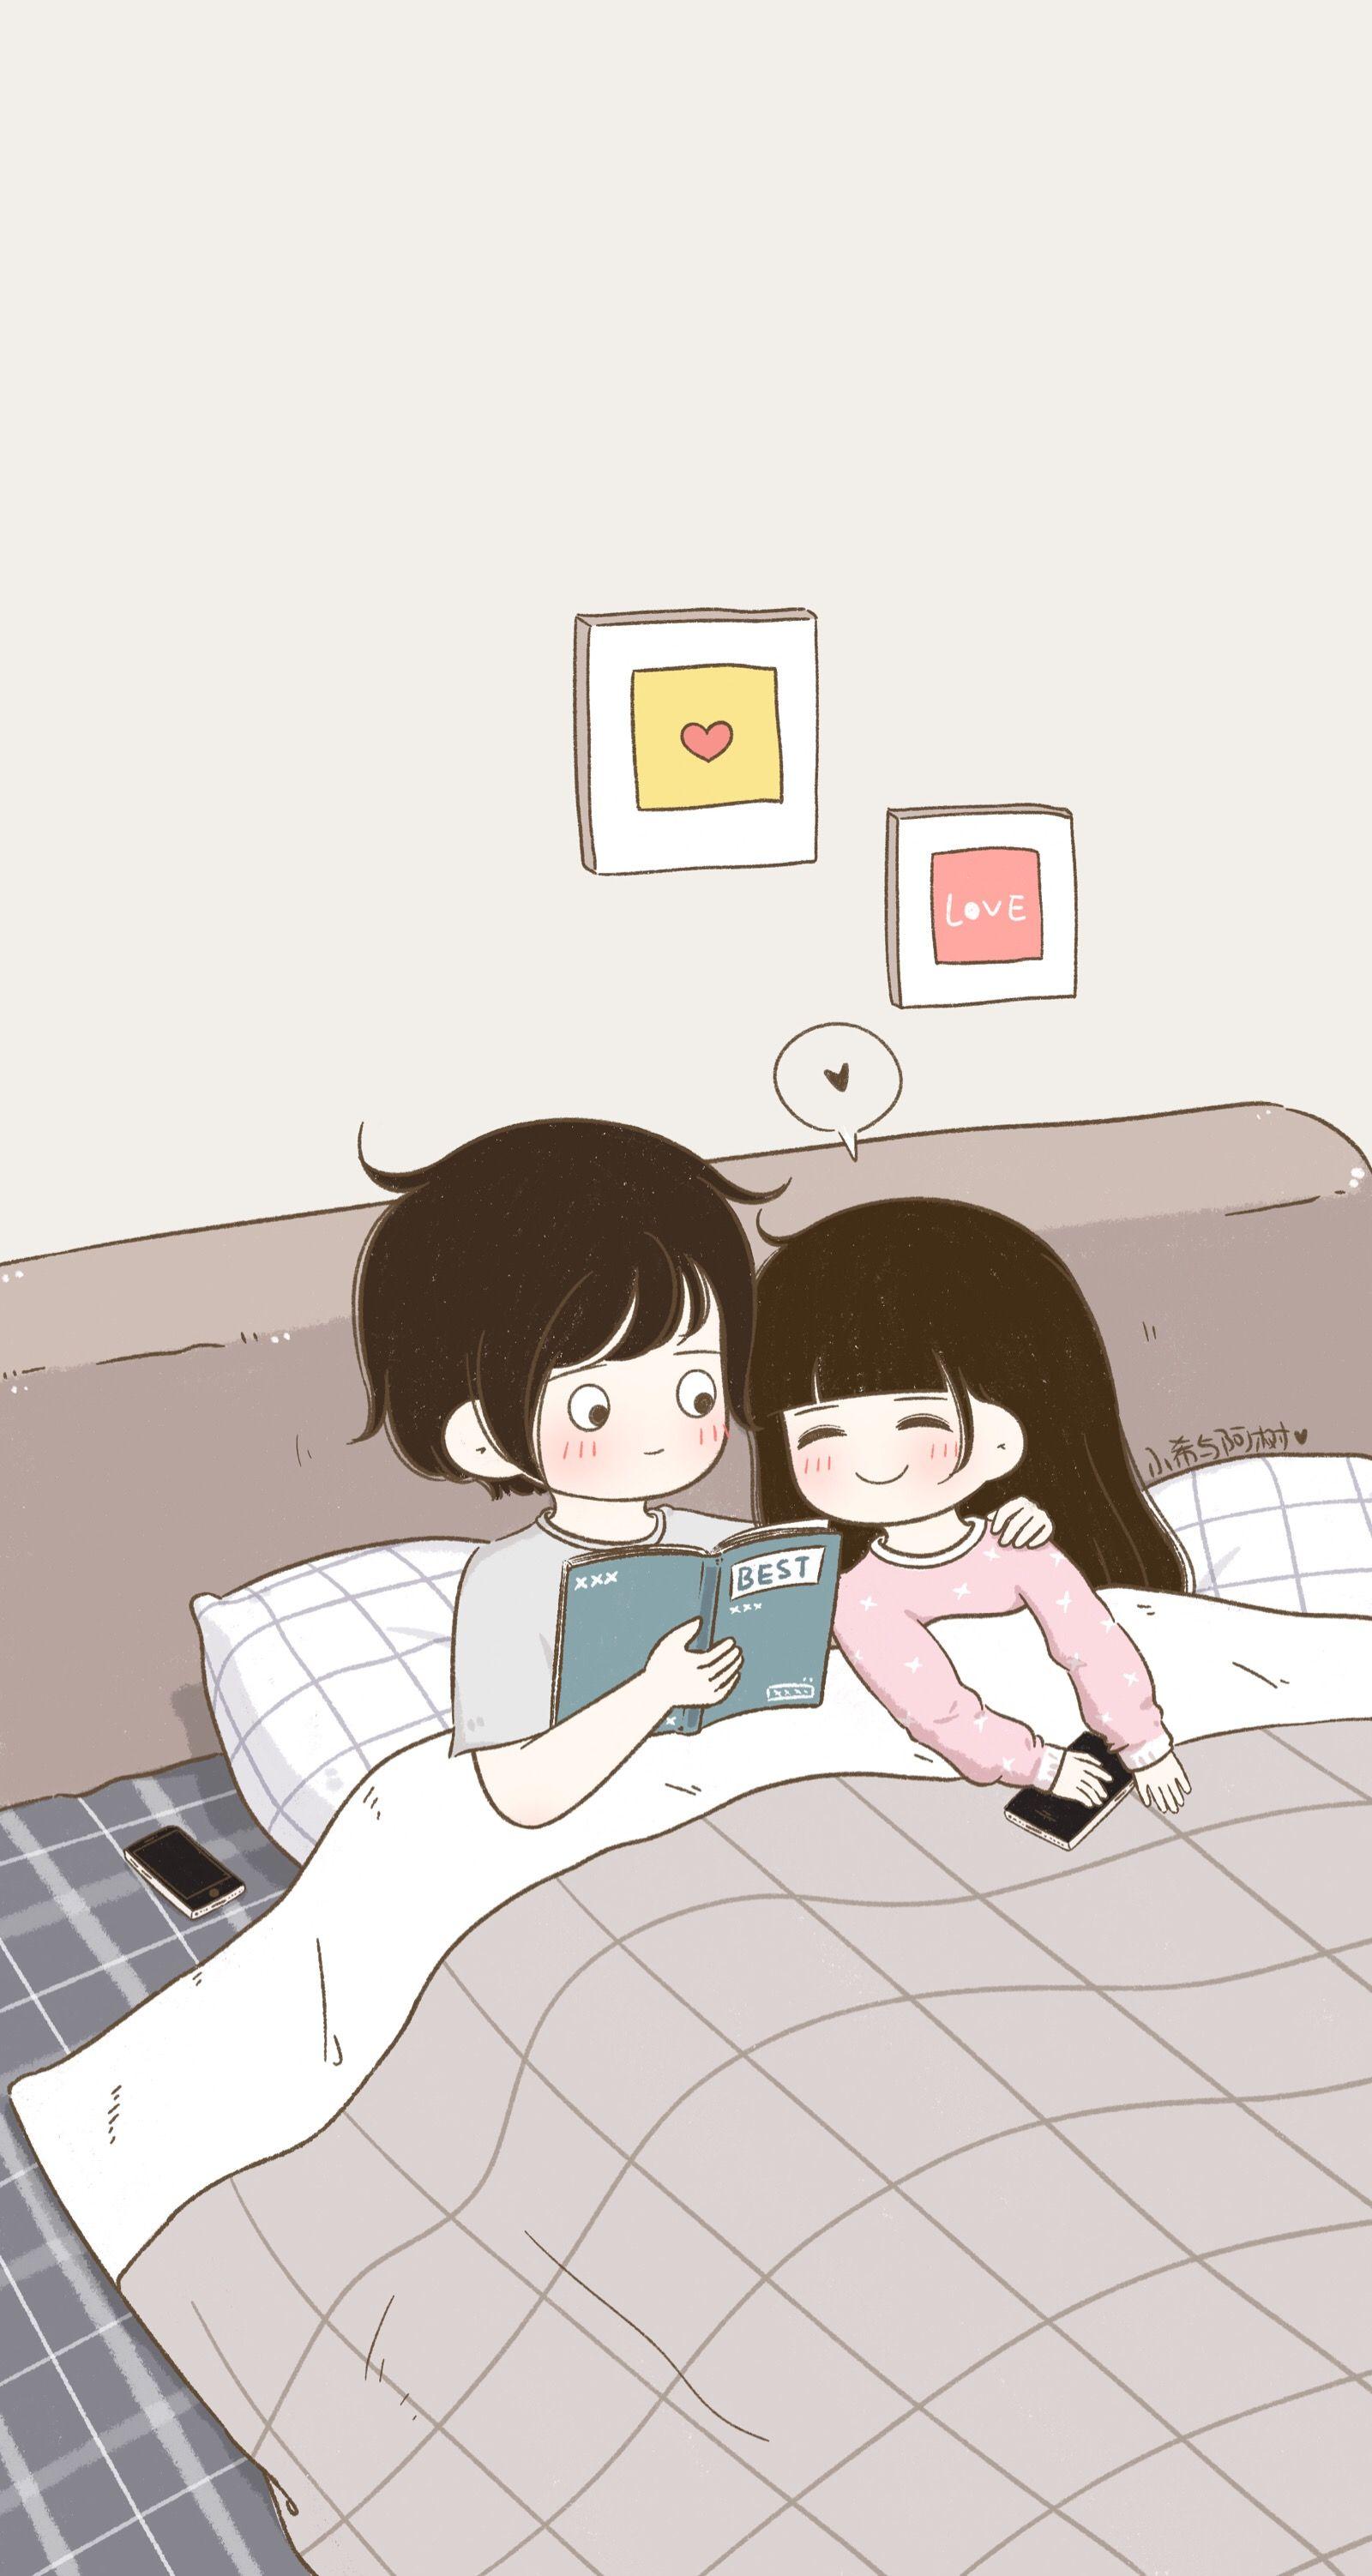 Pin By Muskaan Ali On Love Wallpaper Cute Love Cartoons Cute Couple Cartoon Cute Cartoon Wallpapers